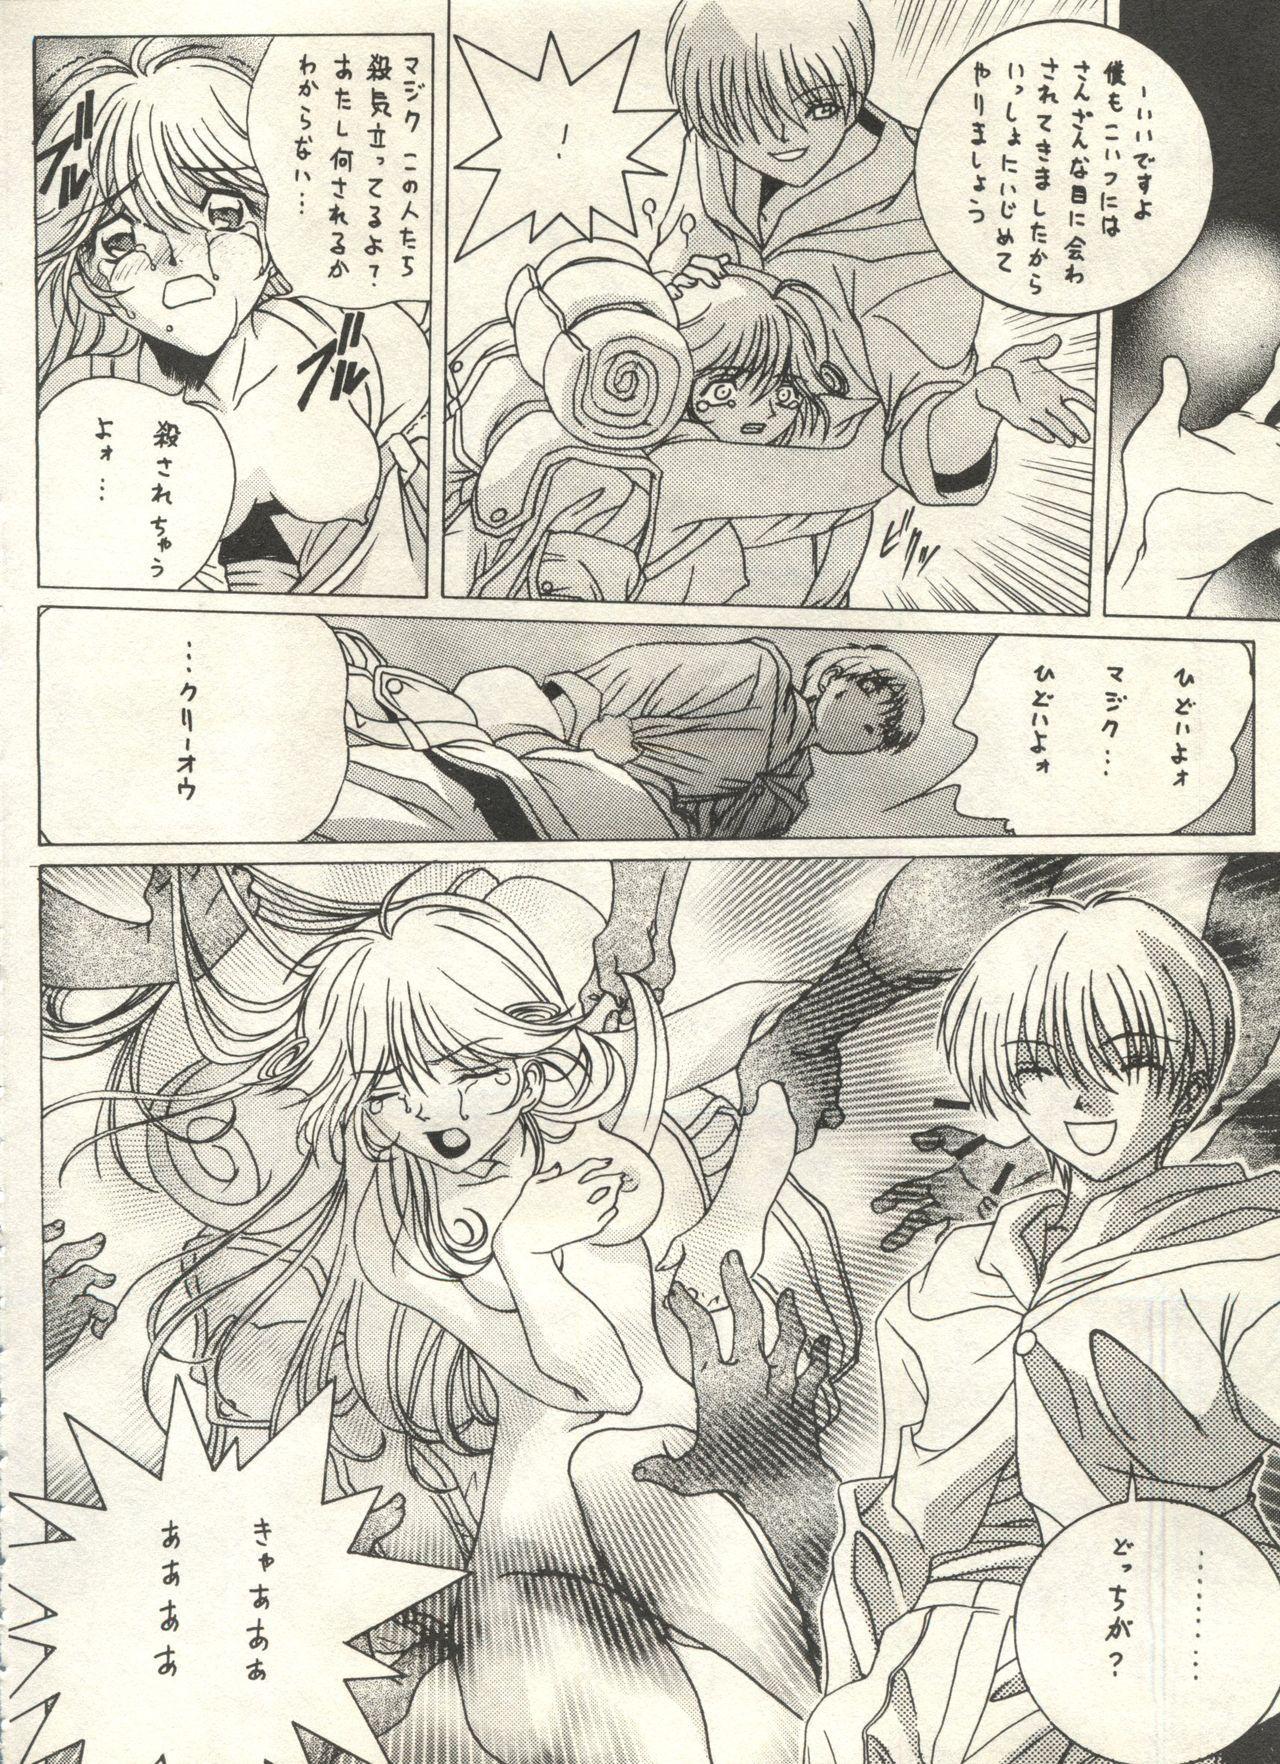 Bishoujo Shoukougun 2000 Manga-Anime Hen 187